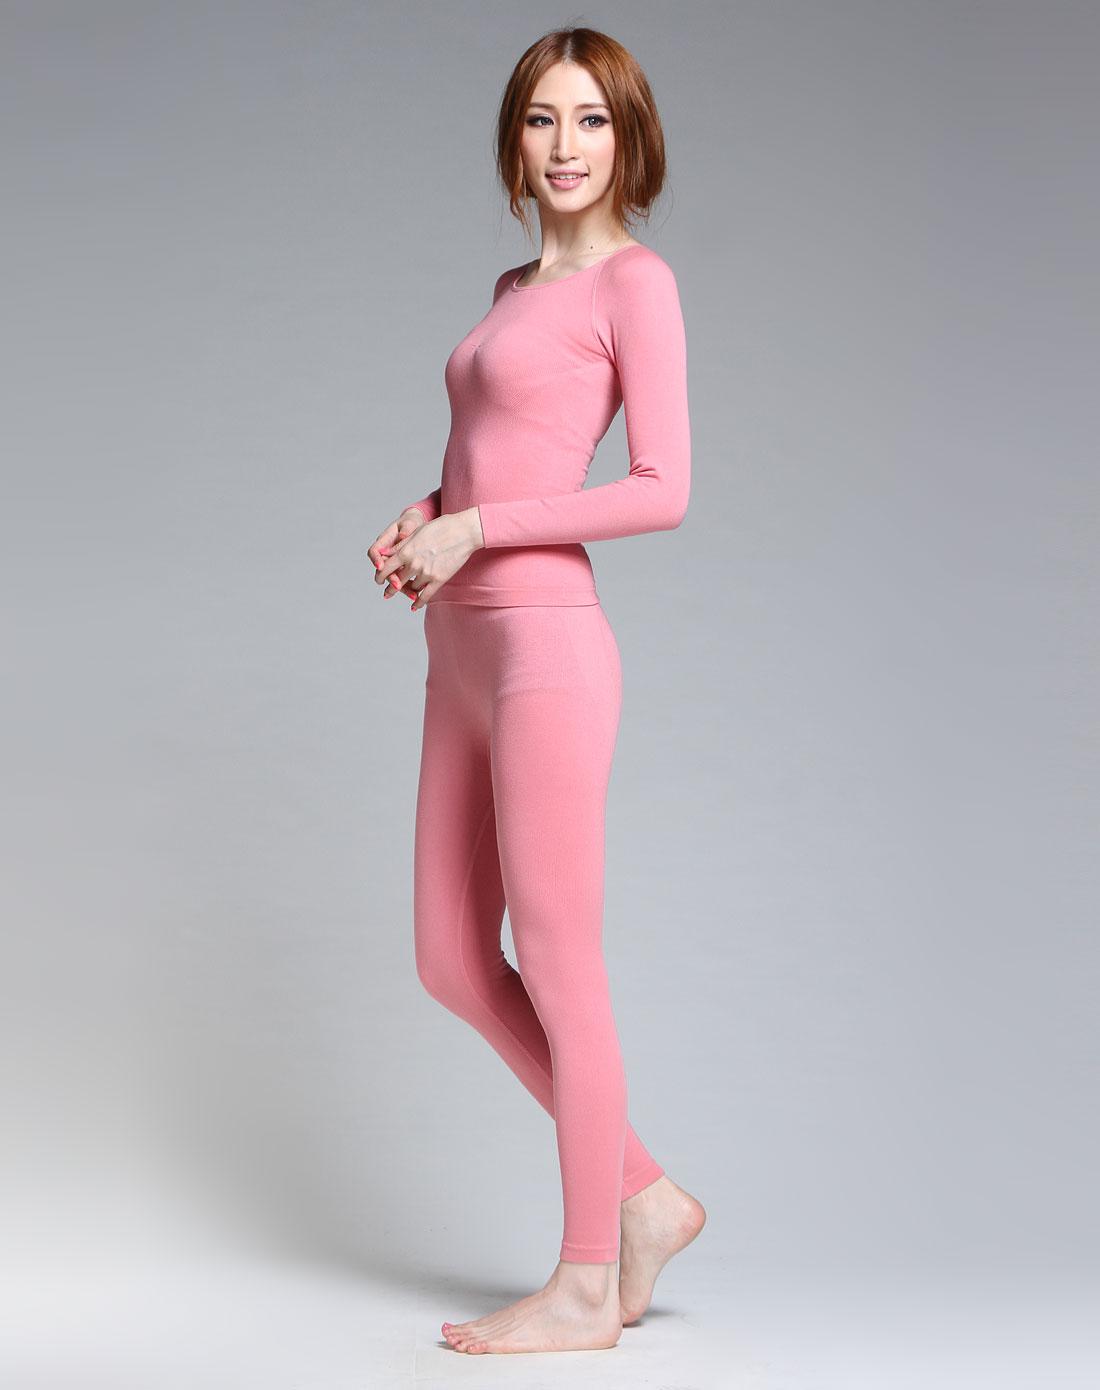 粉红色纤暖美体长袖内衣套装